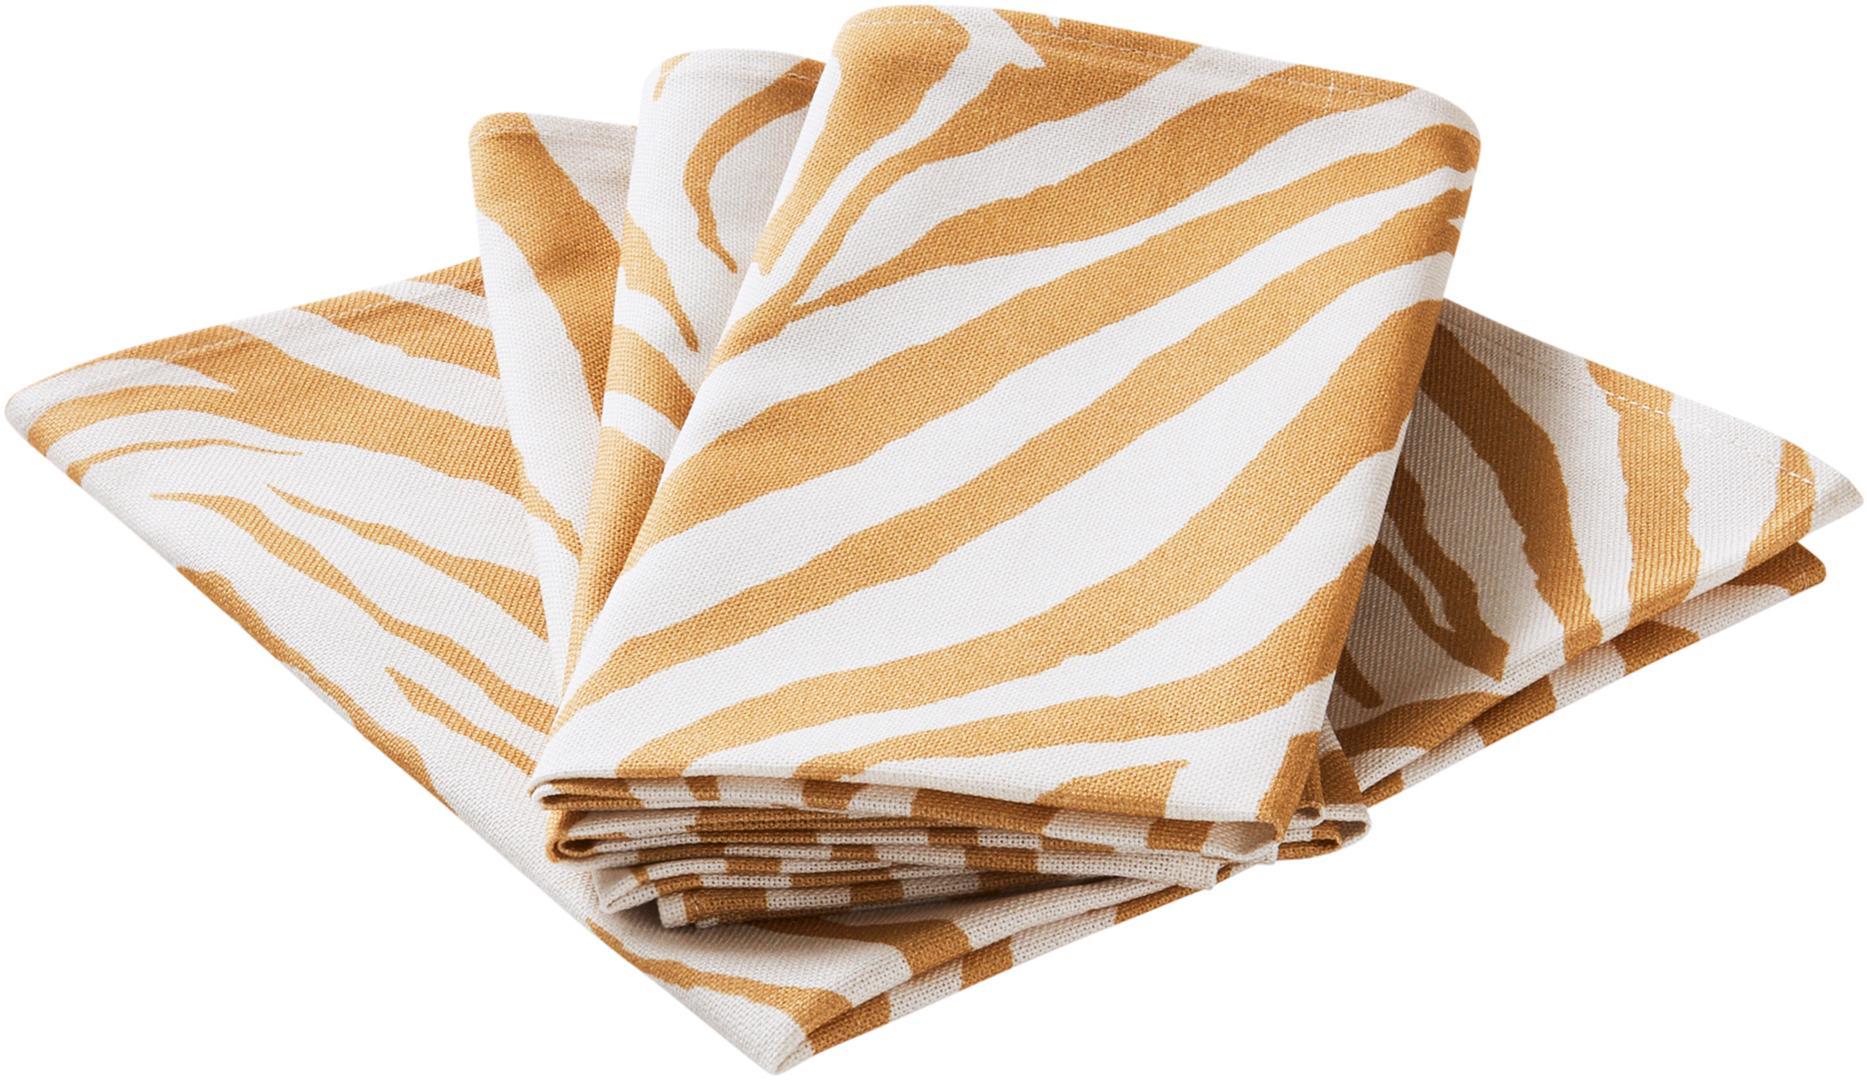 Katoenen servetten Zadie, 4 stuks, 100% katoen, afkomstig van duurzame katoenteelt, Mosterdgeel, crèmewit, 45 x 45 cm